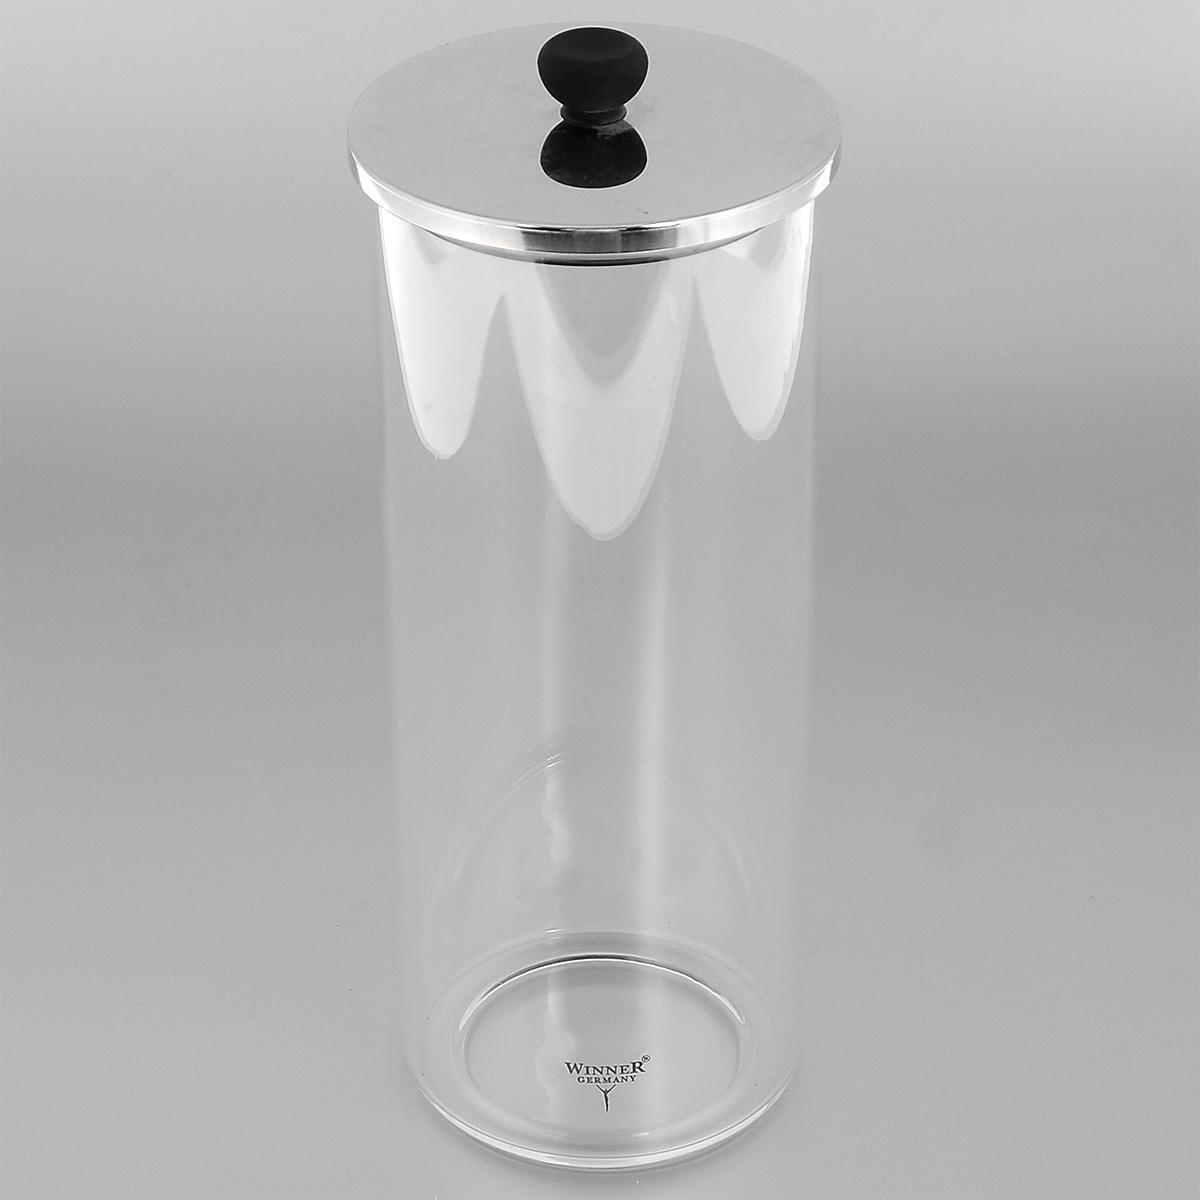 """Контейнер """"Winner"""", выполненный из высококачественного стекла, станет  незаменимым помощником на кухне. В нем будет удобно хранить разнообразные  сыпучие продукты, такие как кофе, крупы, макароны или специи. Контейнер  снабжен герметичной крышкой из нержавеющей стали с силиконовым  уплотнителем, благодаря чему продукты в нем дольше останутся свежими.  Контейнер """"Winner"""" станет достойным дополнением к кухонному инвентарю.  Диаметр: 9,5 см. Высота (без учета крышки): 22 см. Объем: 1,2 л."""